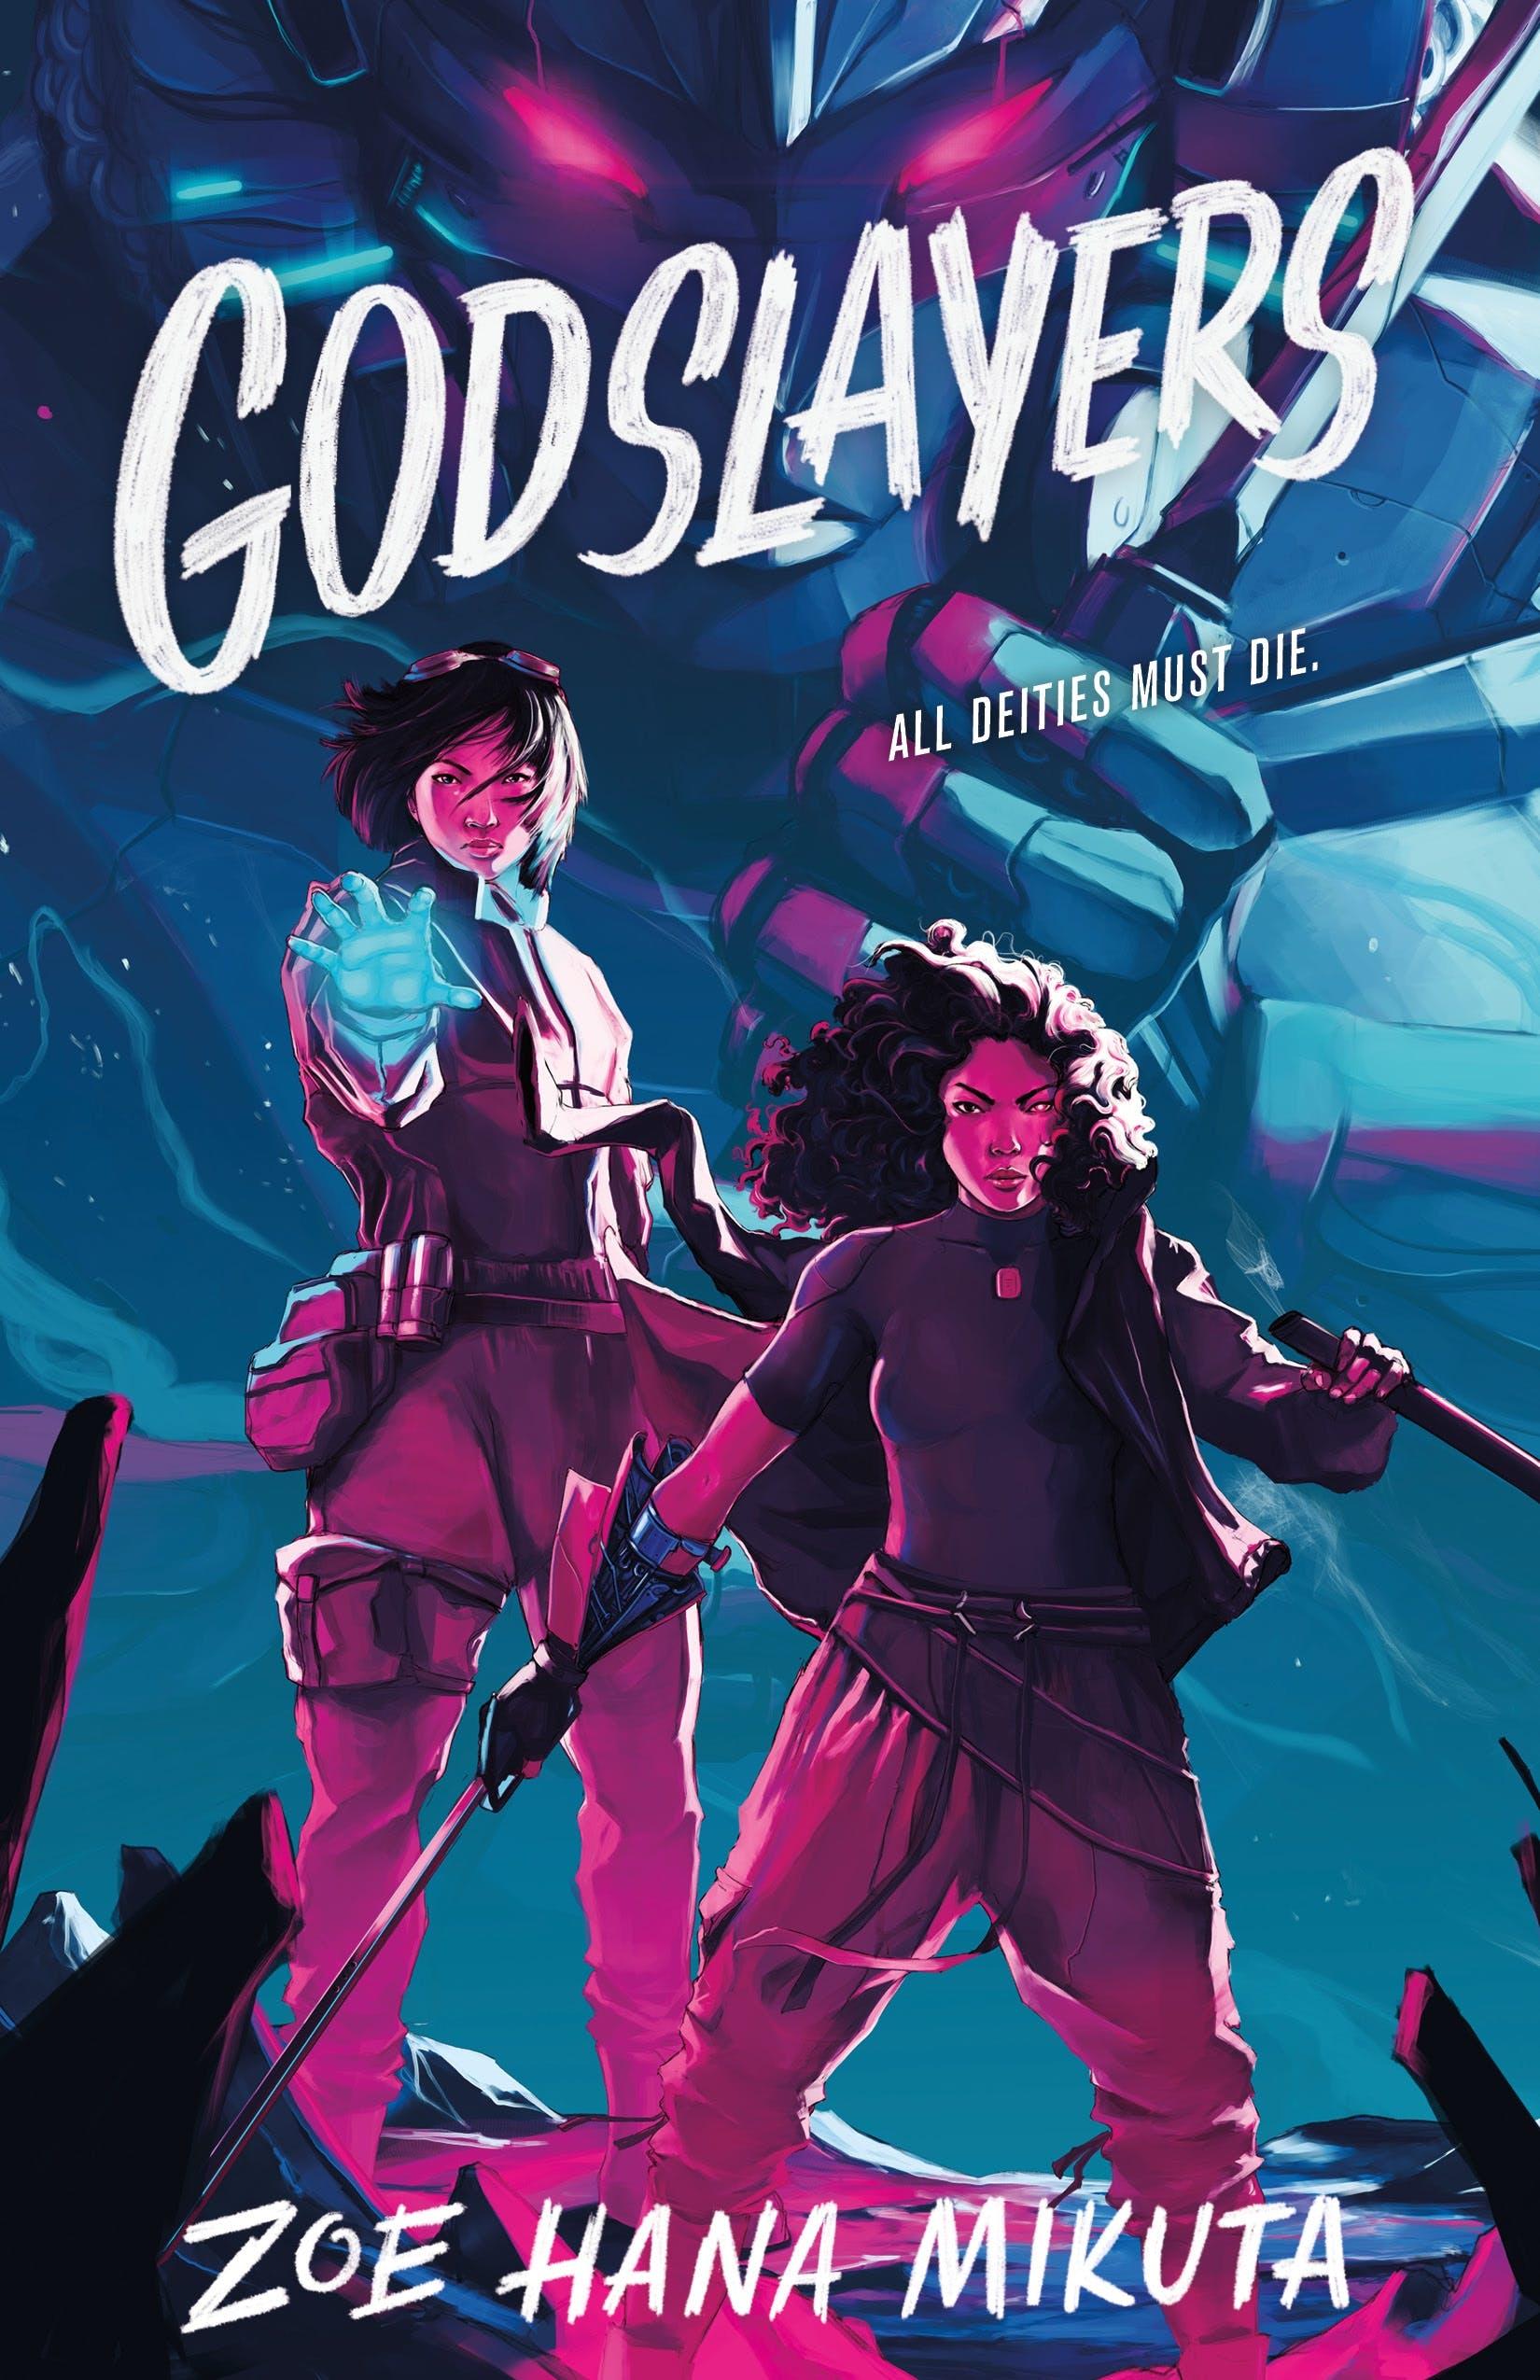 Image of Godslayers